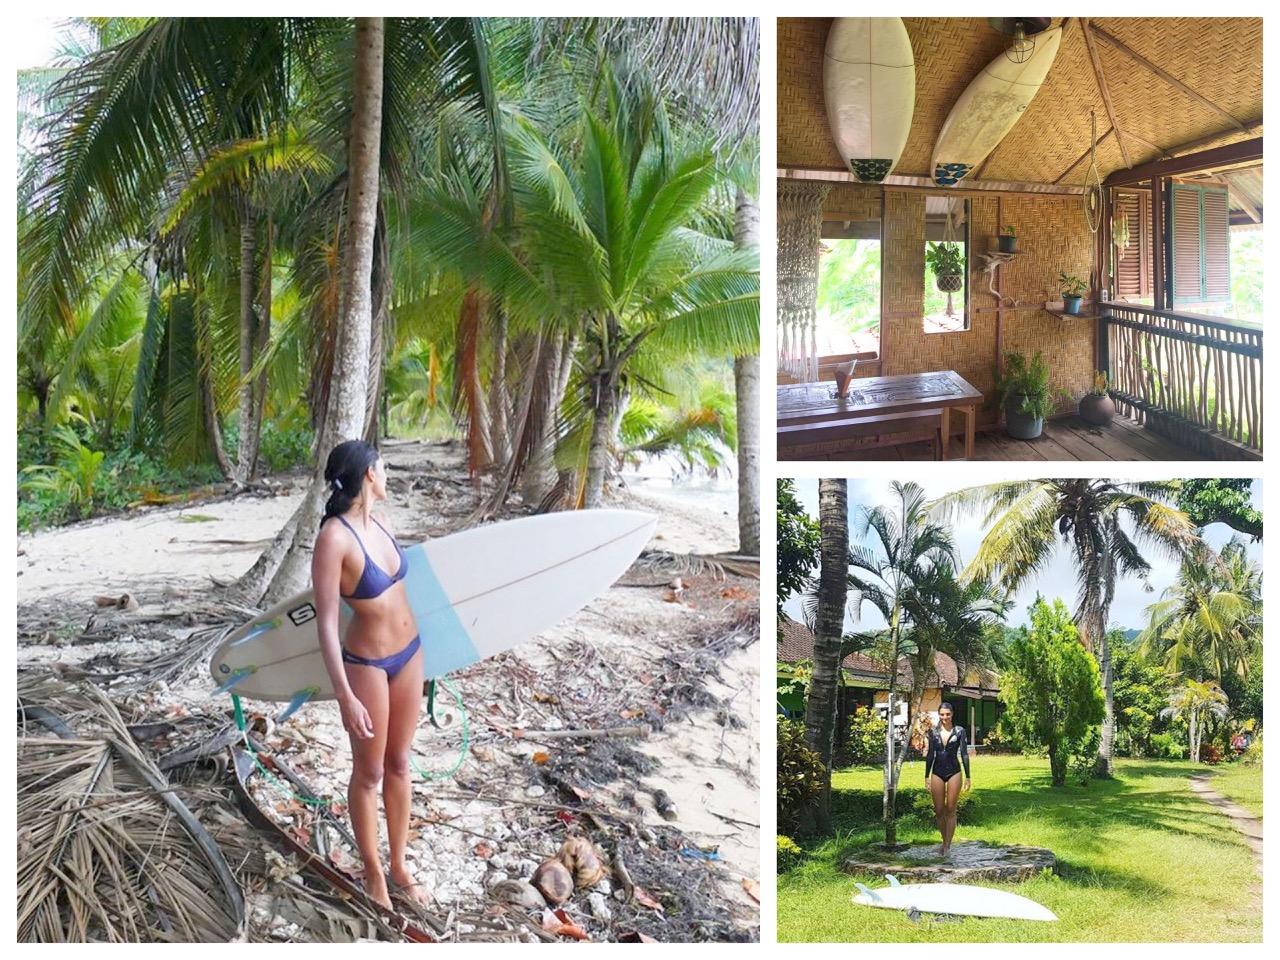 pantai pantai,coussin,hossegor,déco,beach shack,mermaid,surfer,fresh coconuts,gypsea,gypset,chloé,lightbox,sathyne,bijoux,célia,sunrise never ends